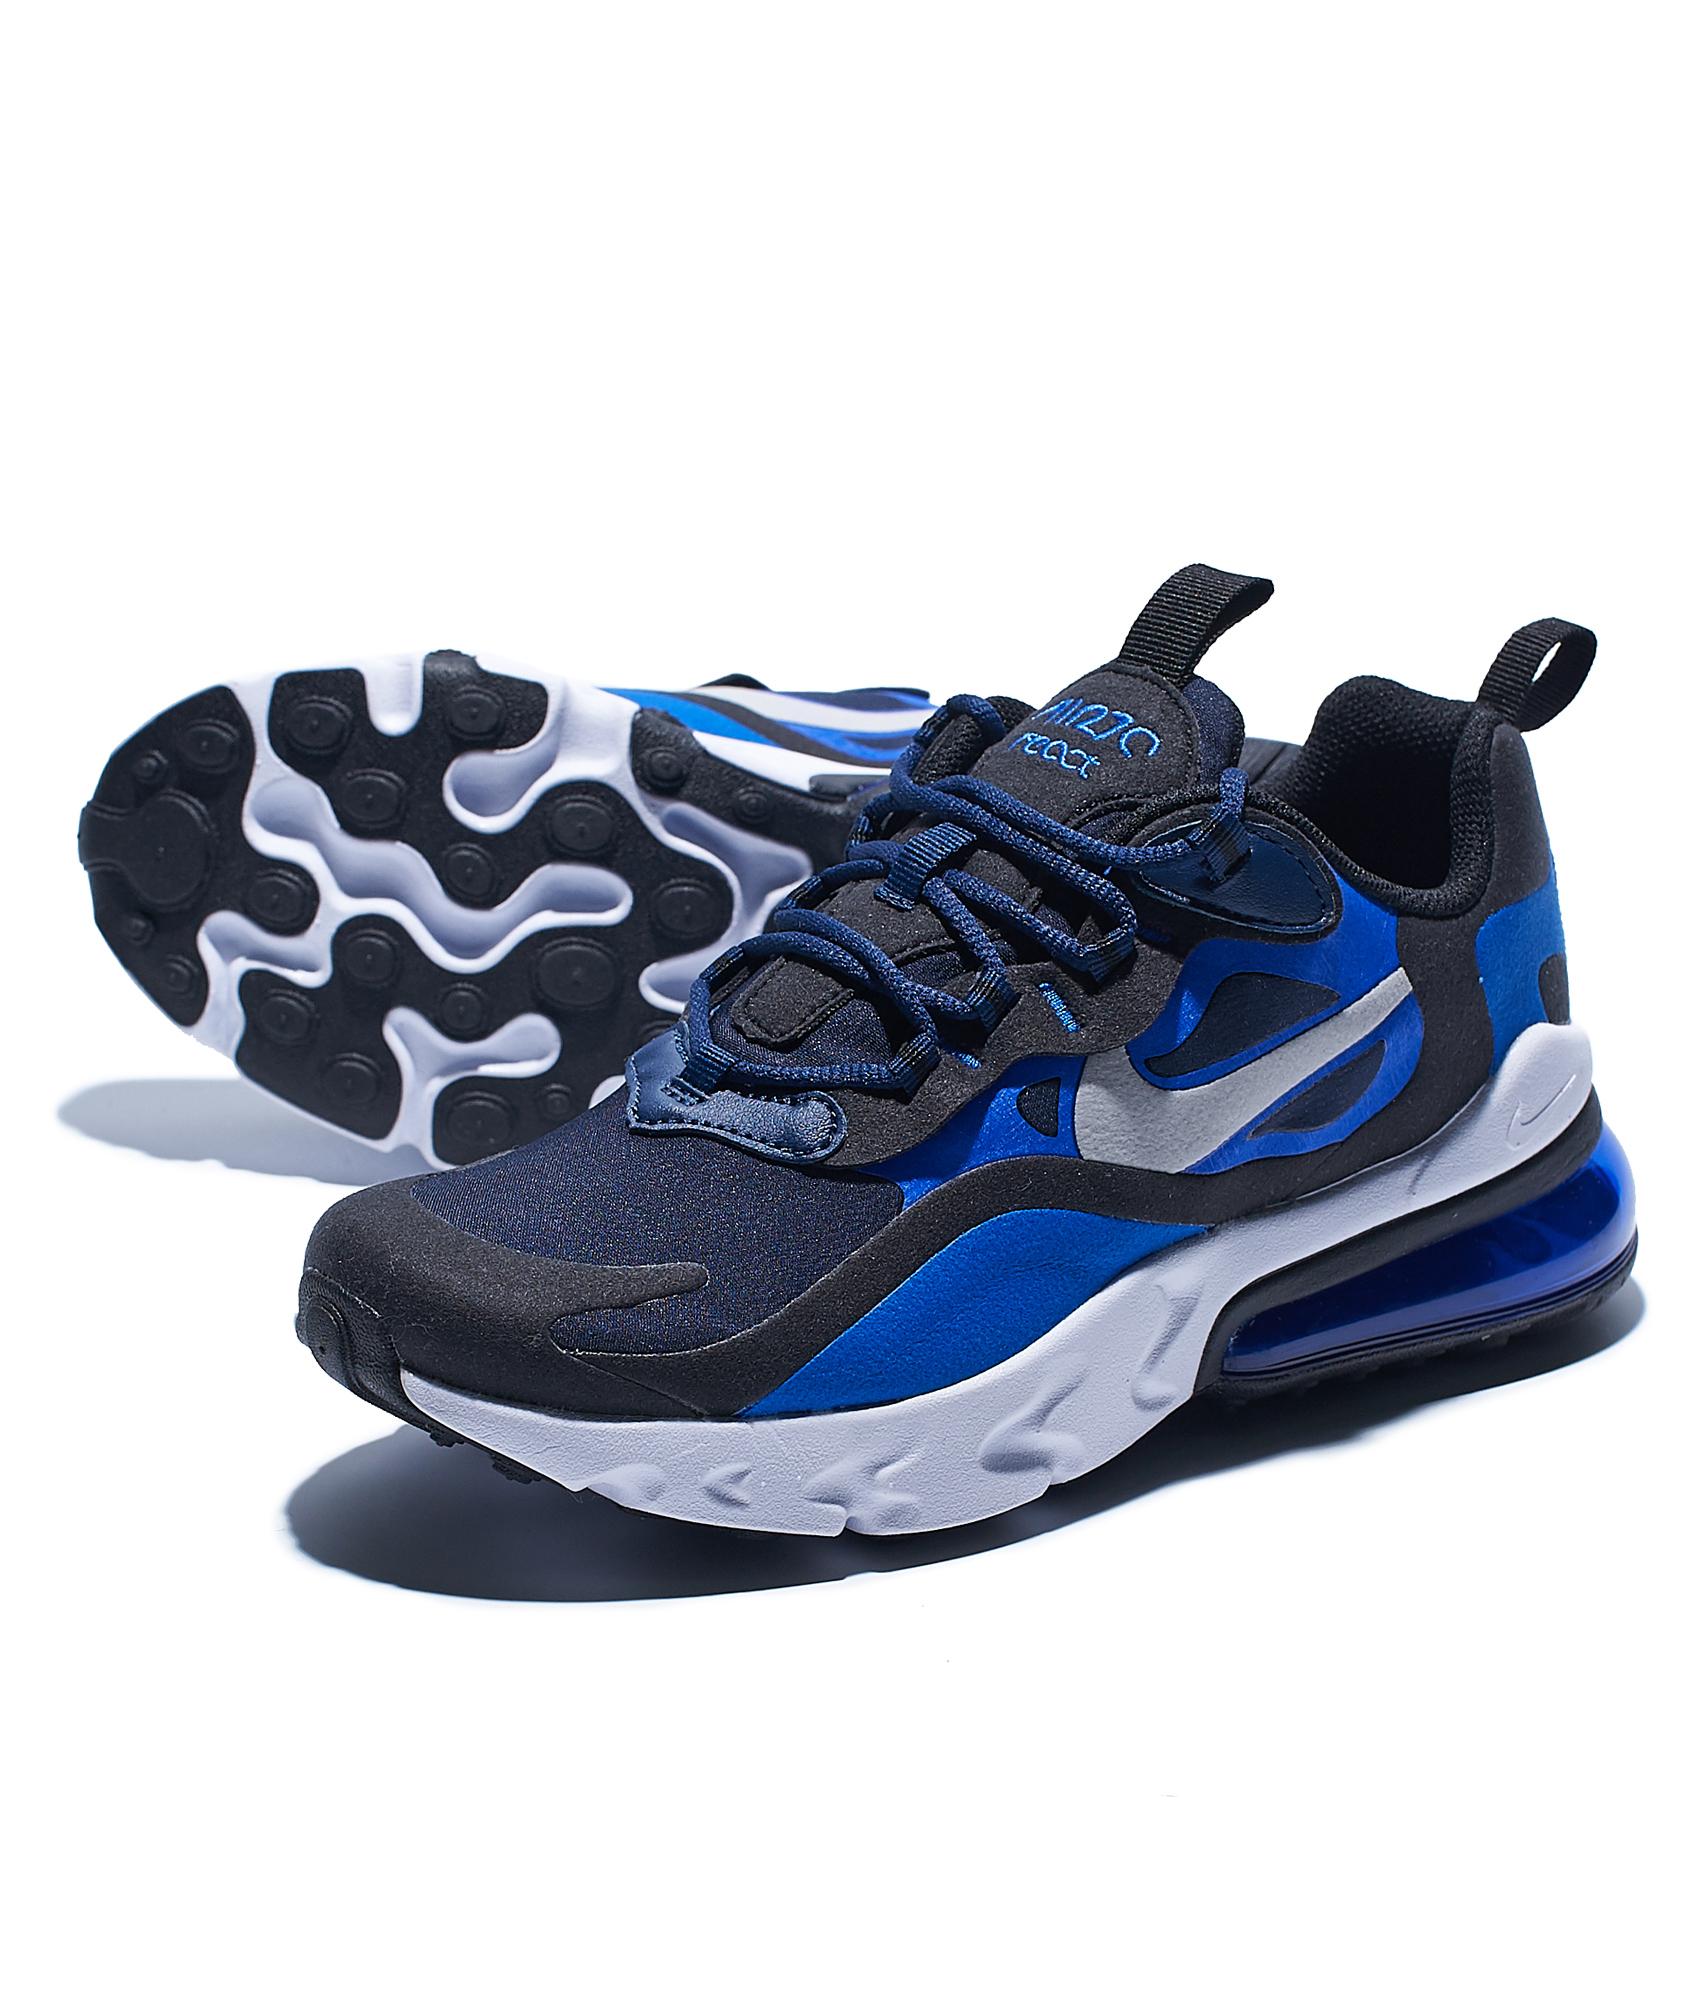 Кроссовки подростковые Nike Air Max 270 React GS